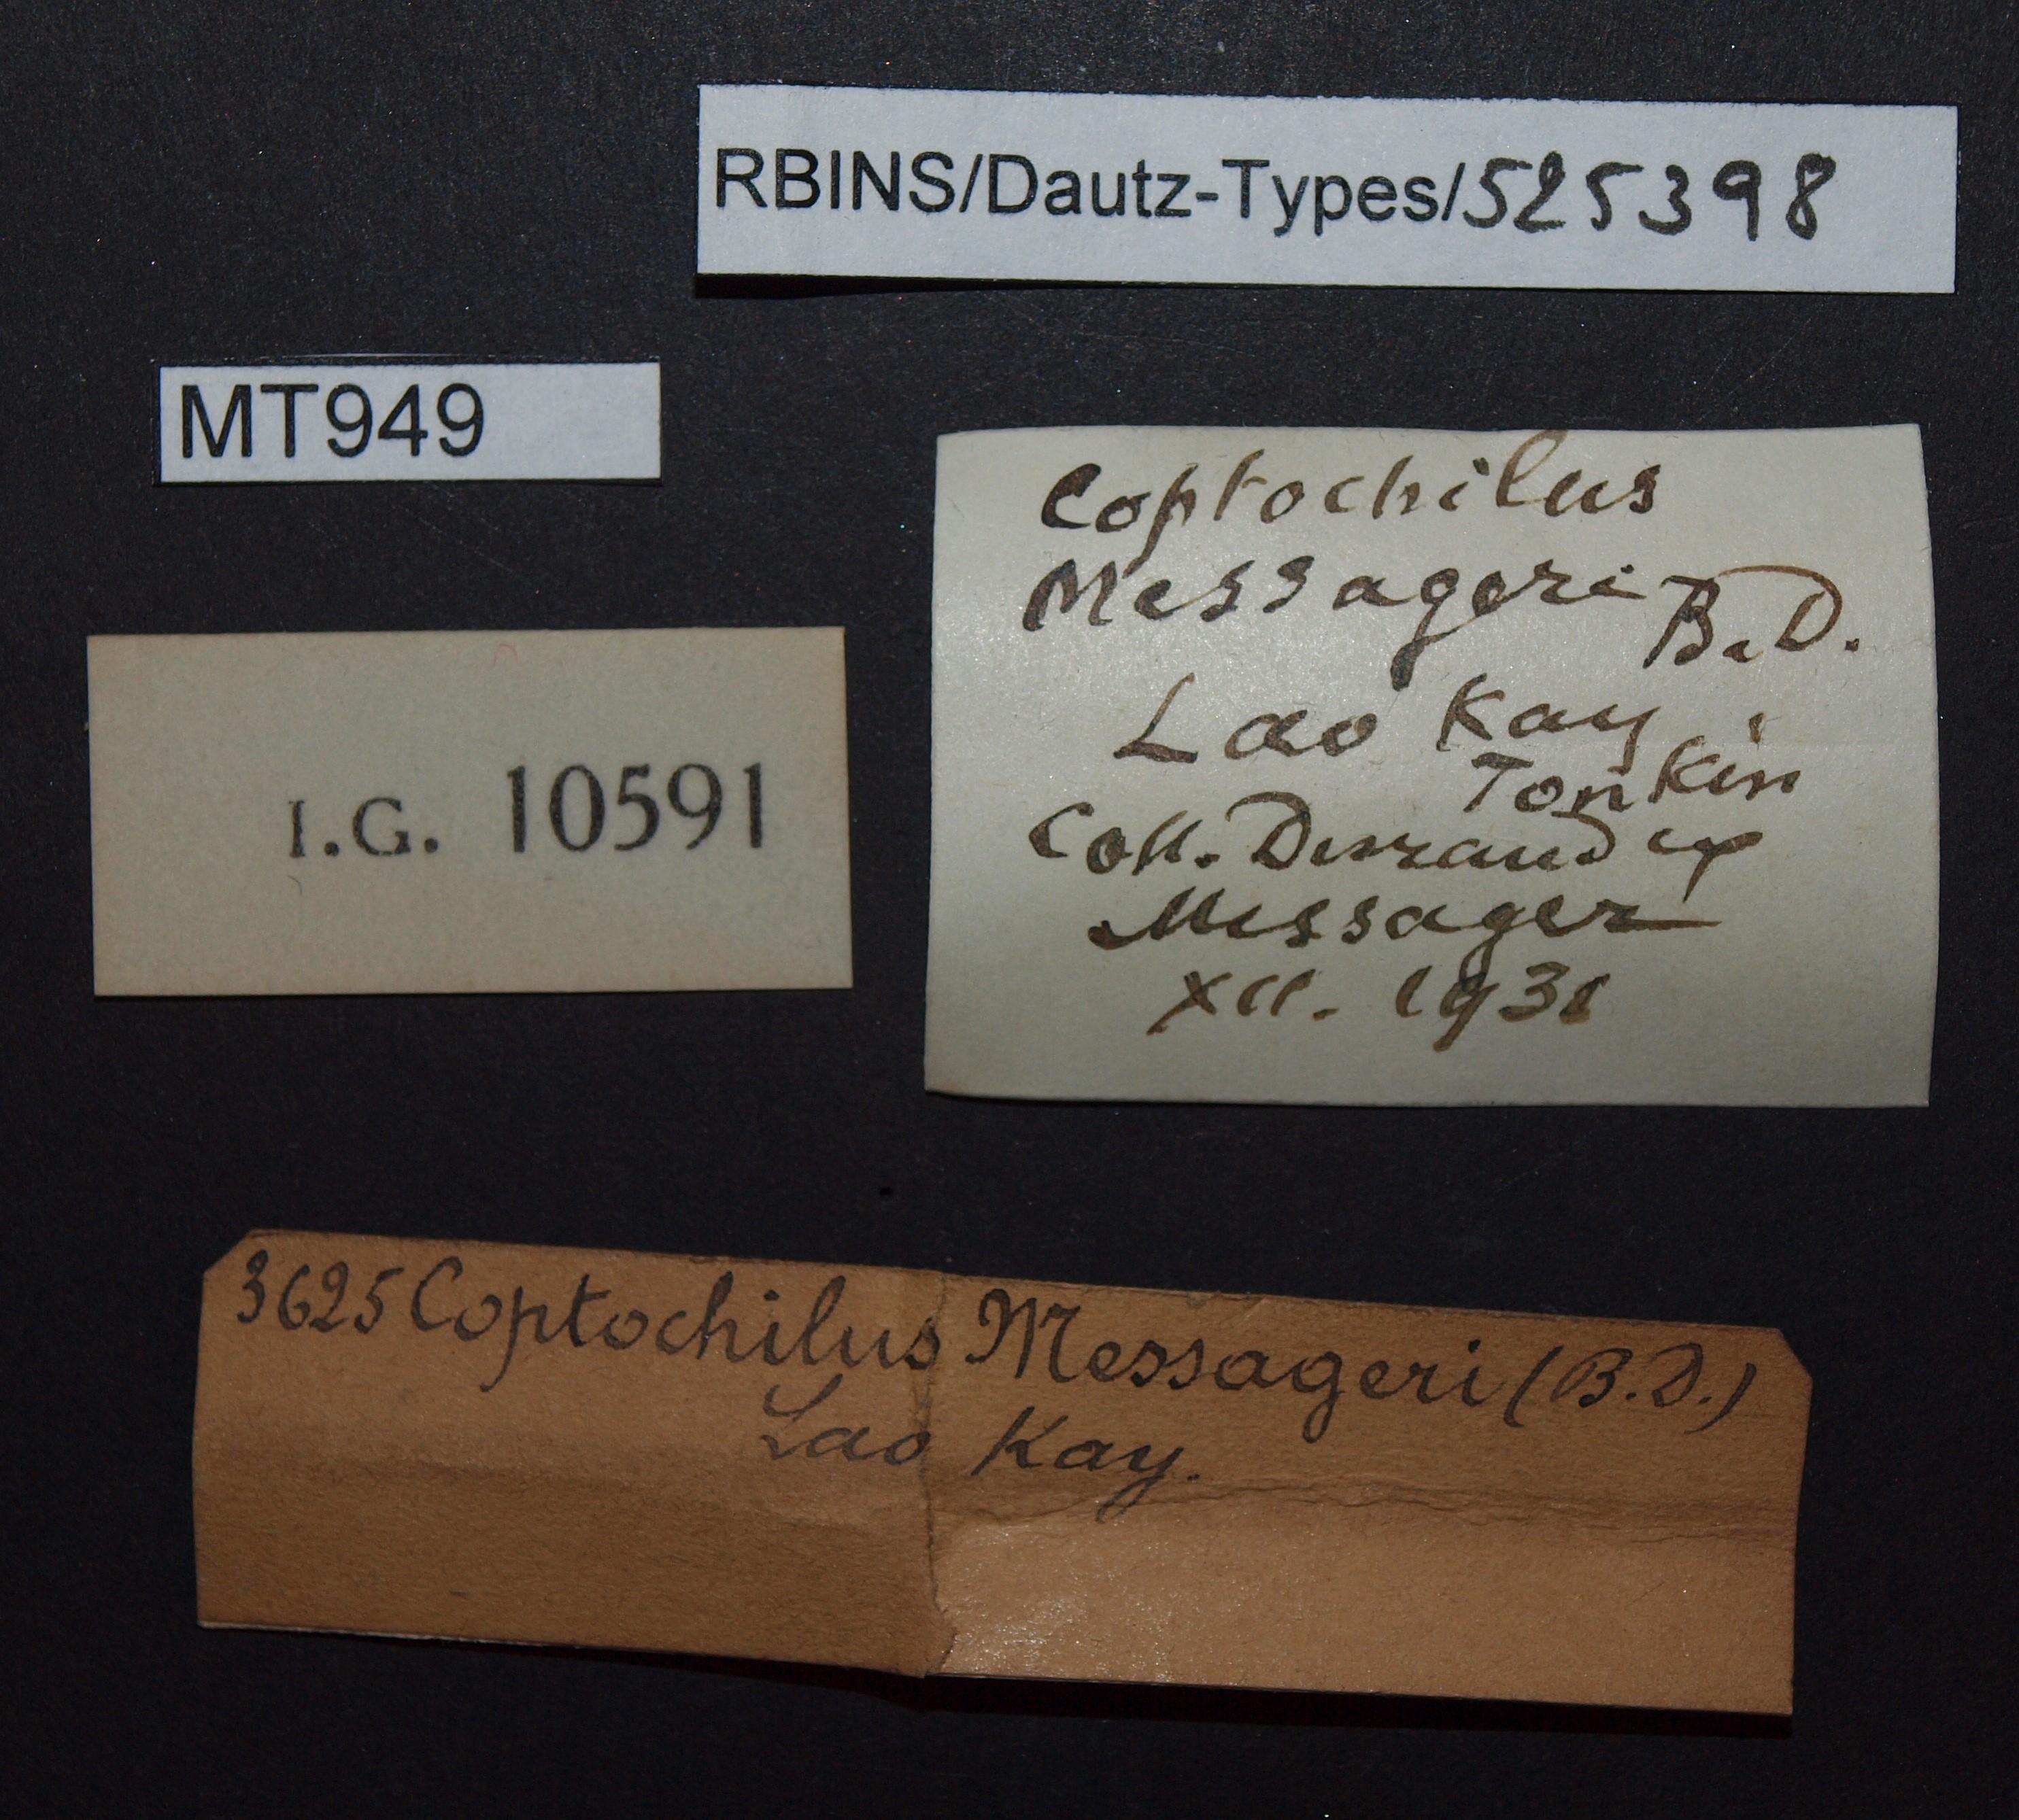 Coptocheilus messageri pt.JPG